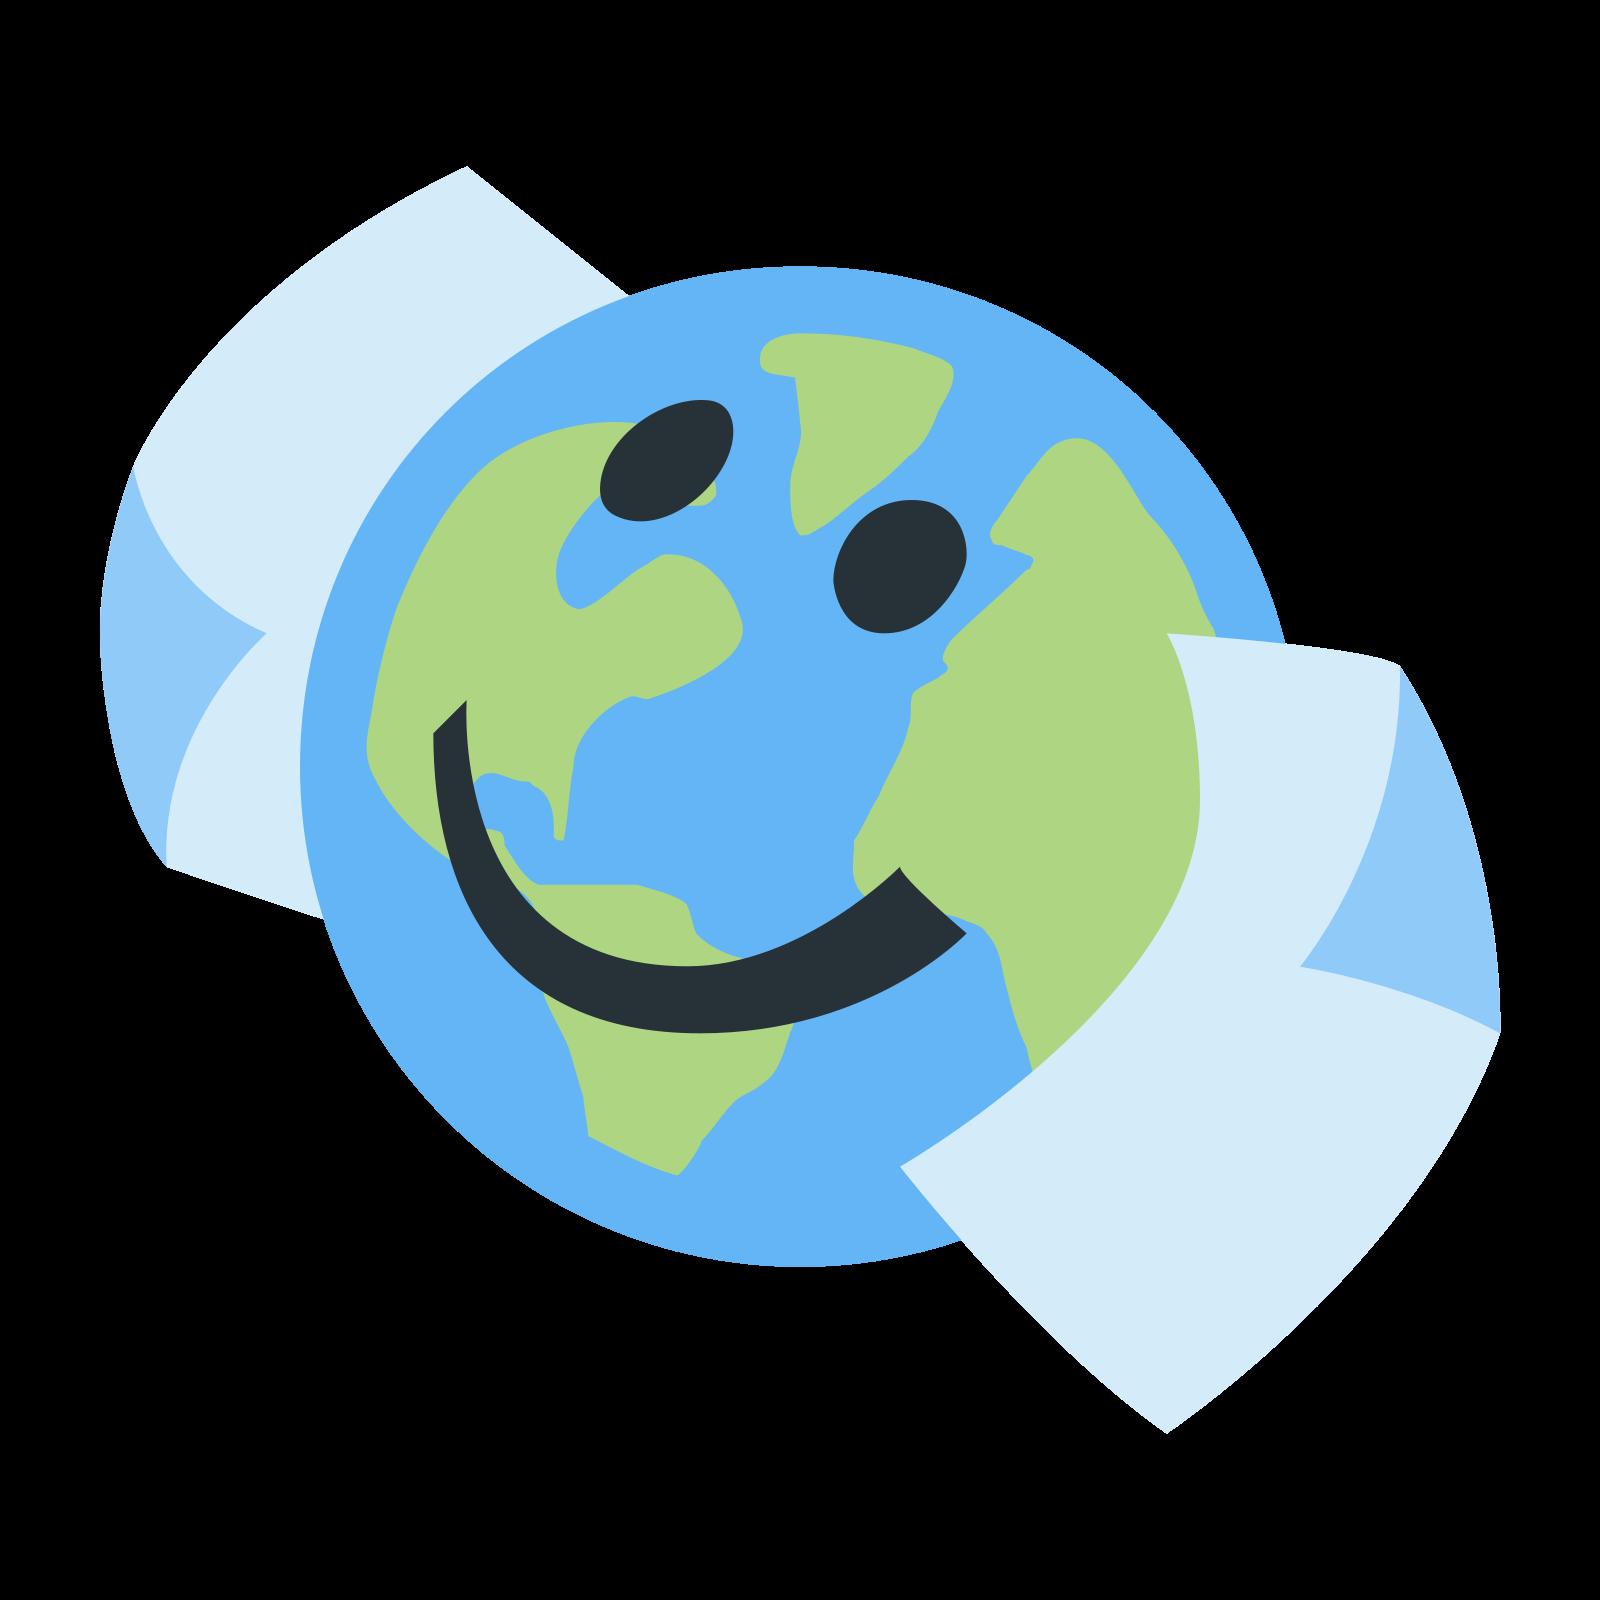 Newsleecher icon